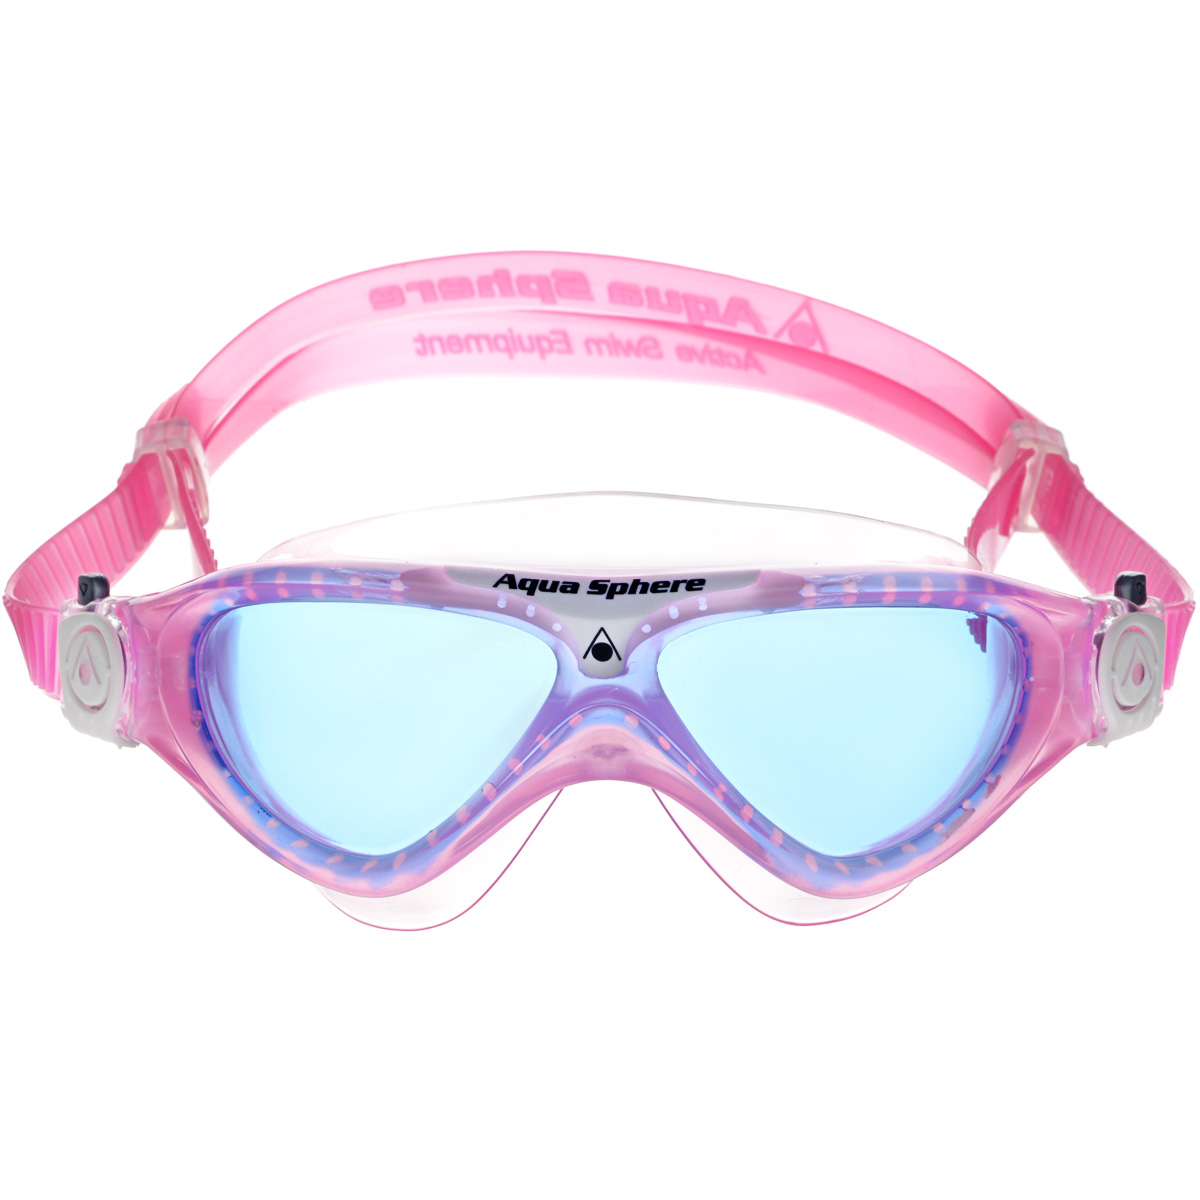 Очки для плавания Aqua Sphere Vista Junior, цвет: розовый, белый, синий очки для плавания aqua sphere k180 lady цвет белый розовый